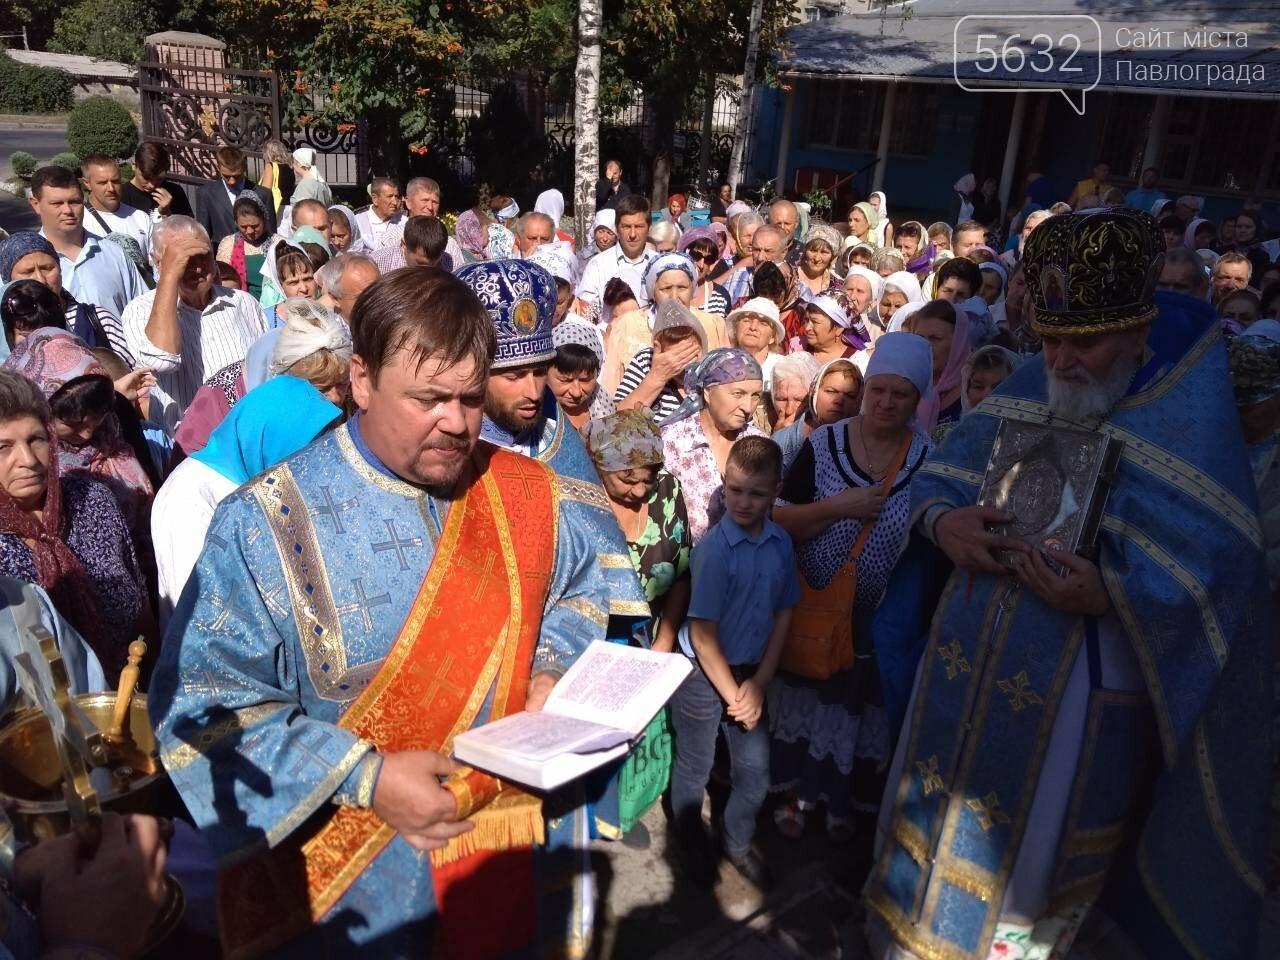 В Павлограде православные празднуют Успение Пресвятой Богородицы (Обновлено), фото-3